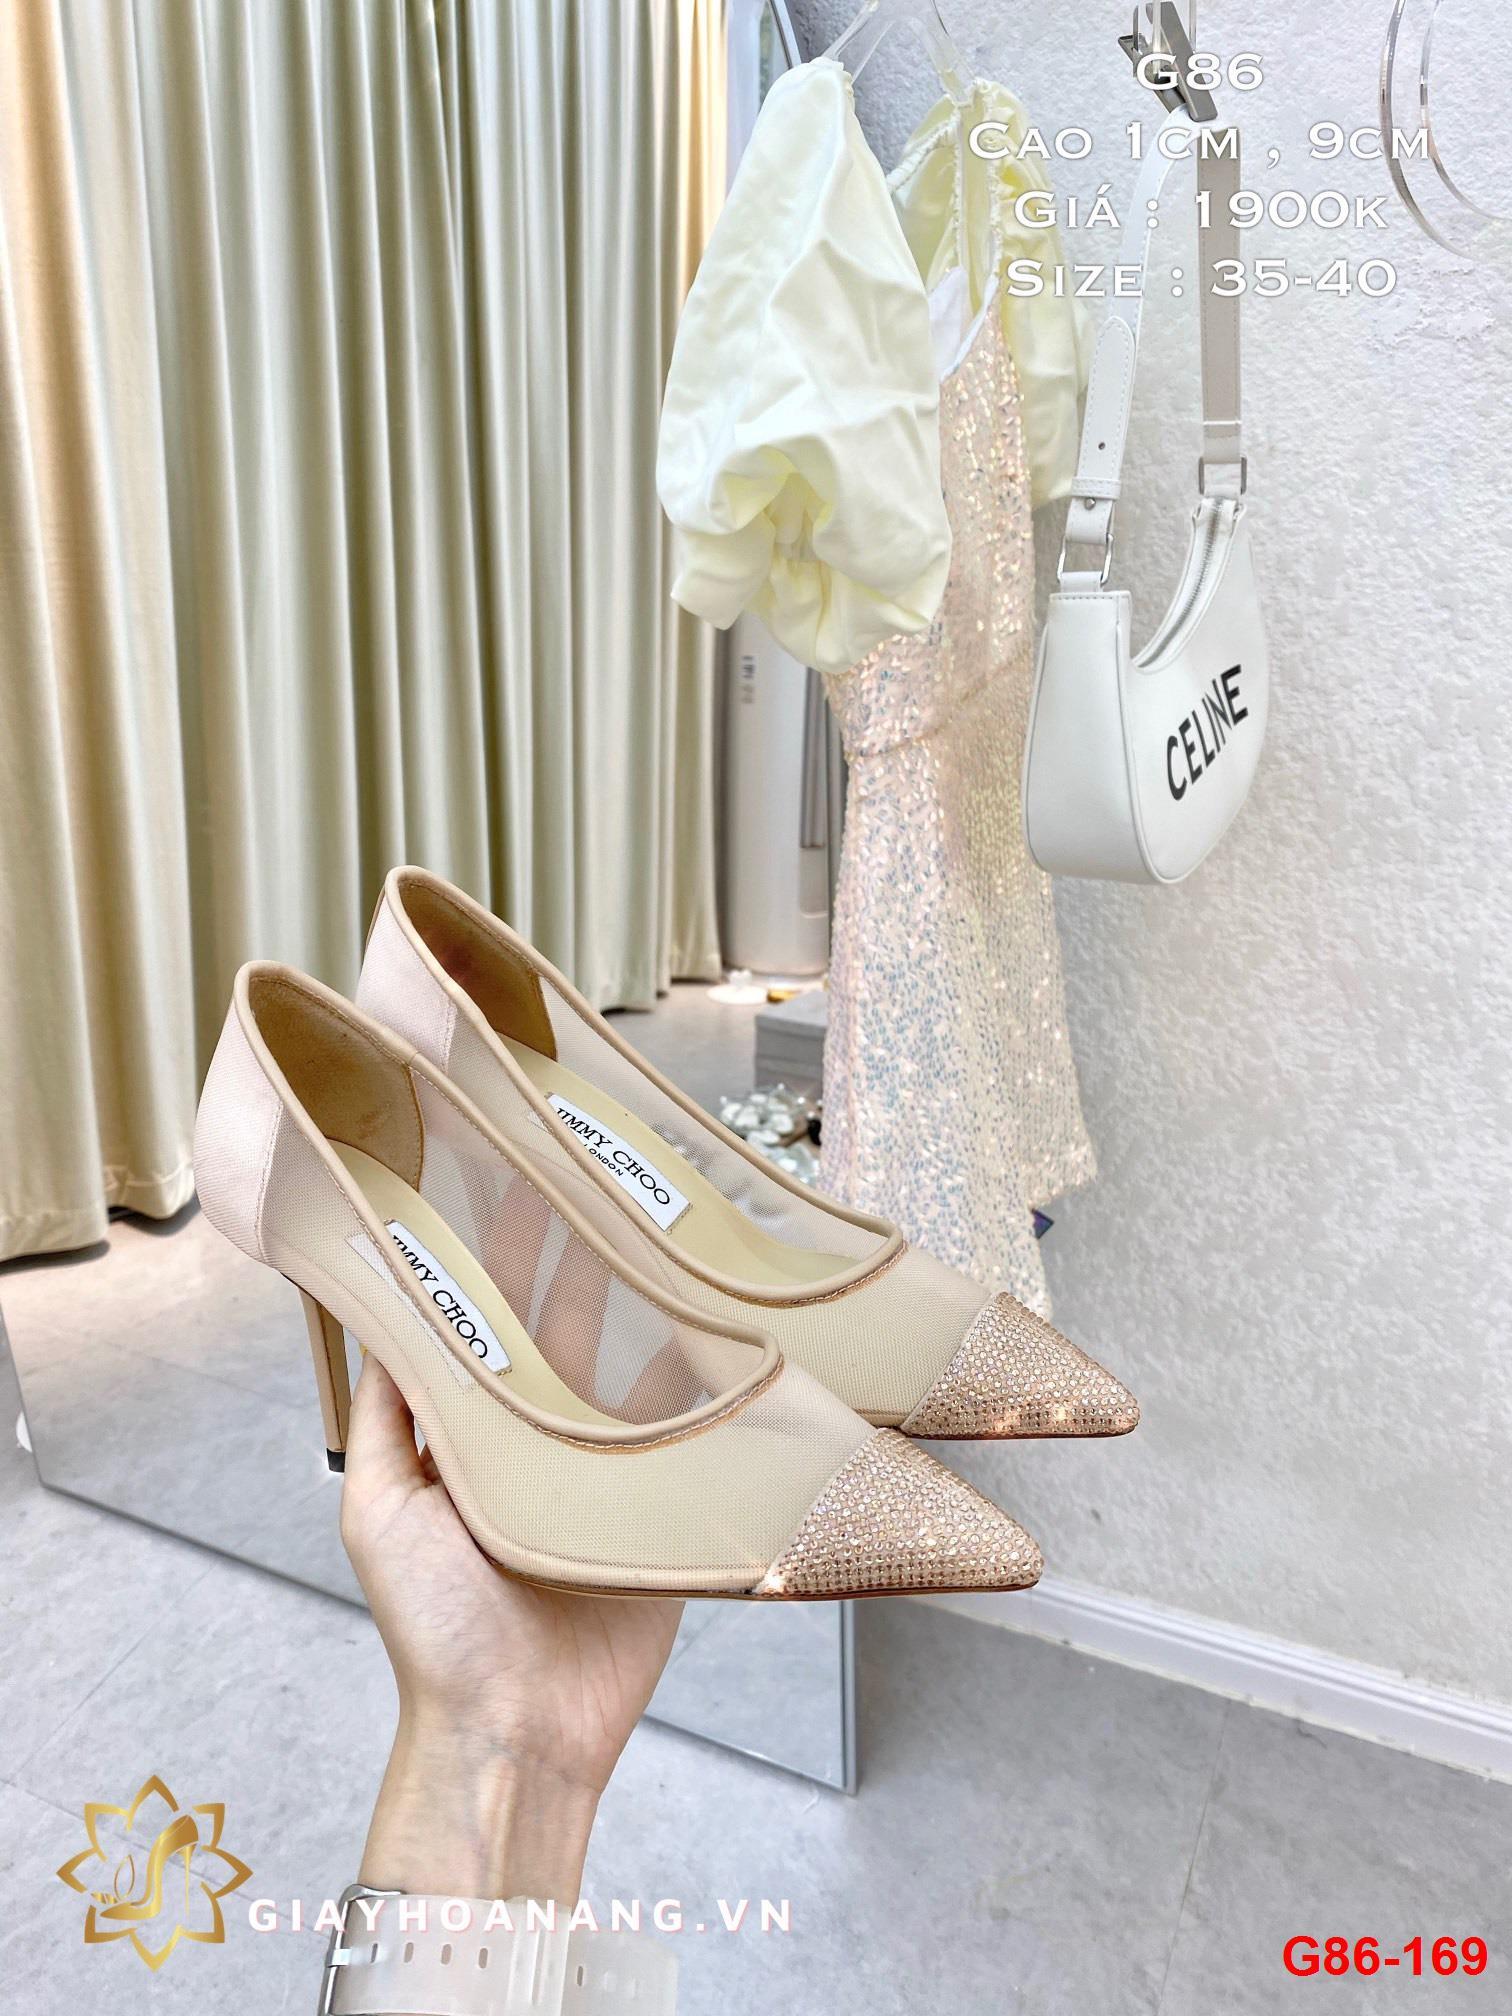 G86-169 Jimmy Choo giày cao 1cm , 9cm siêu cấp